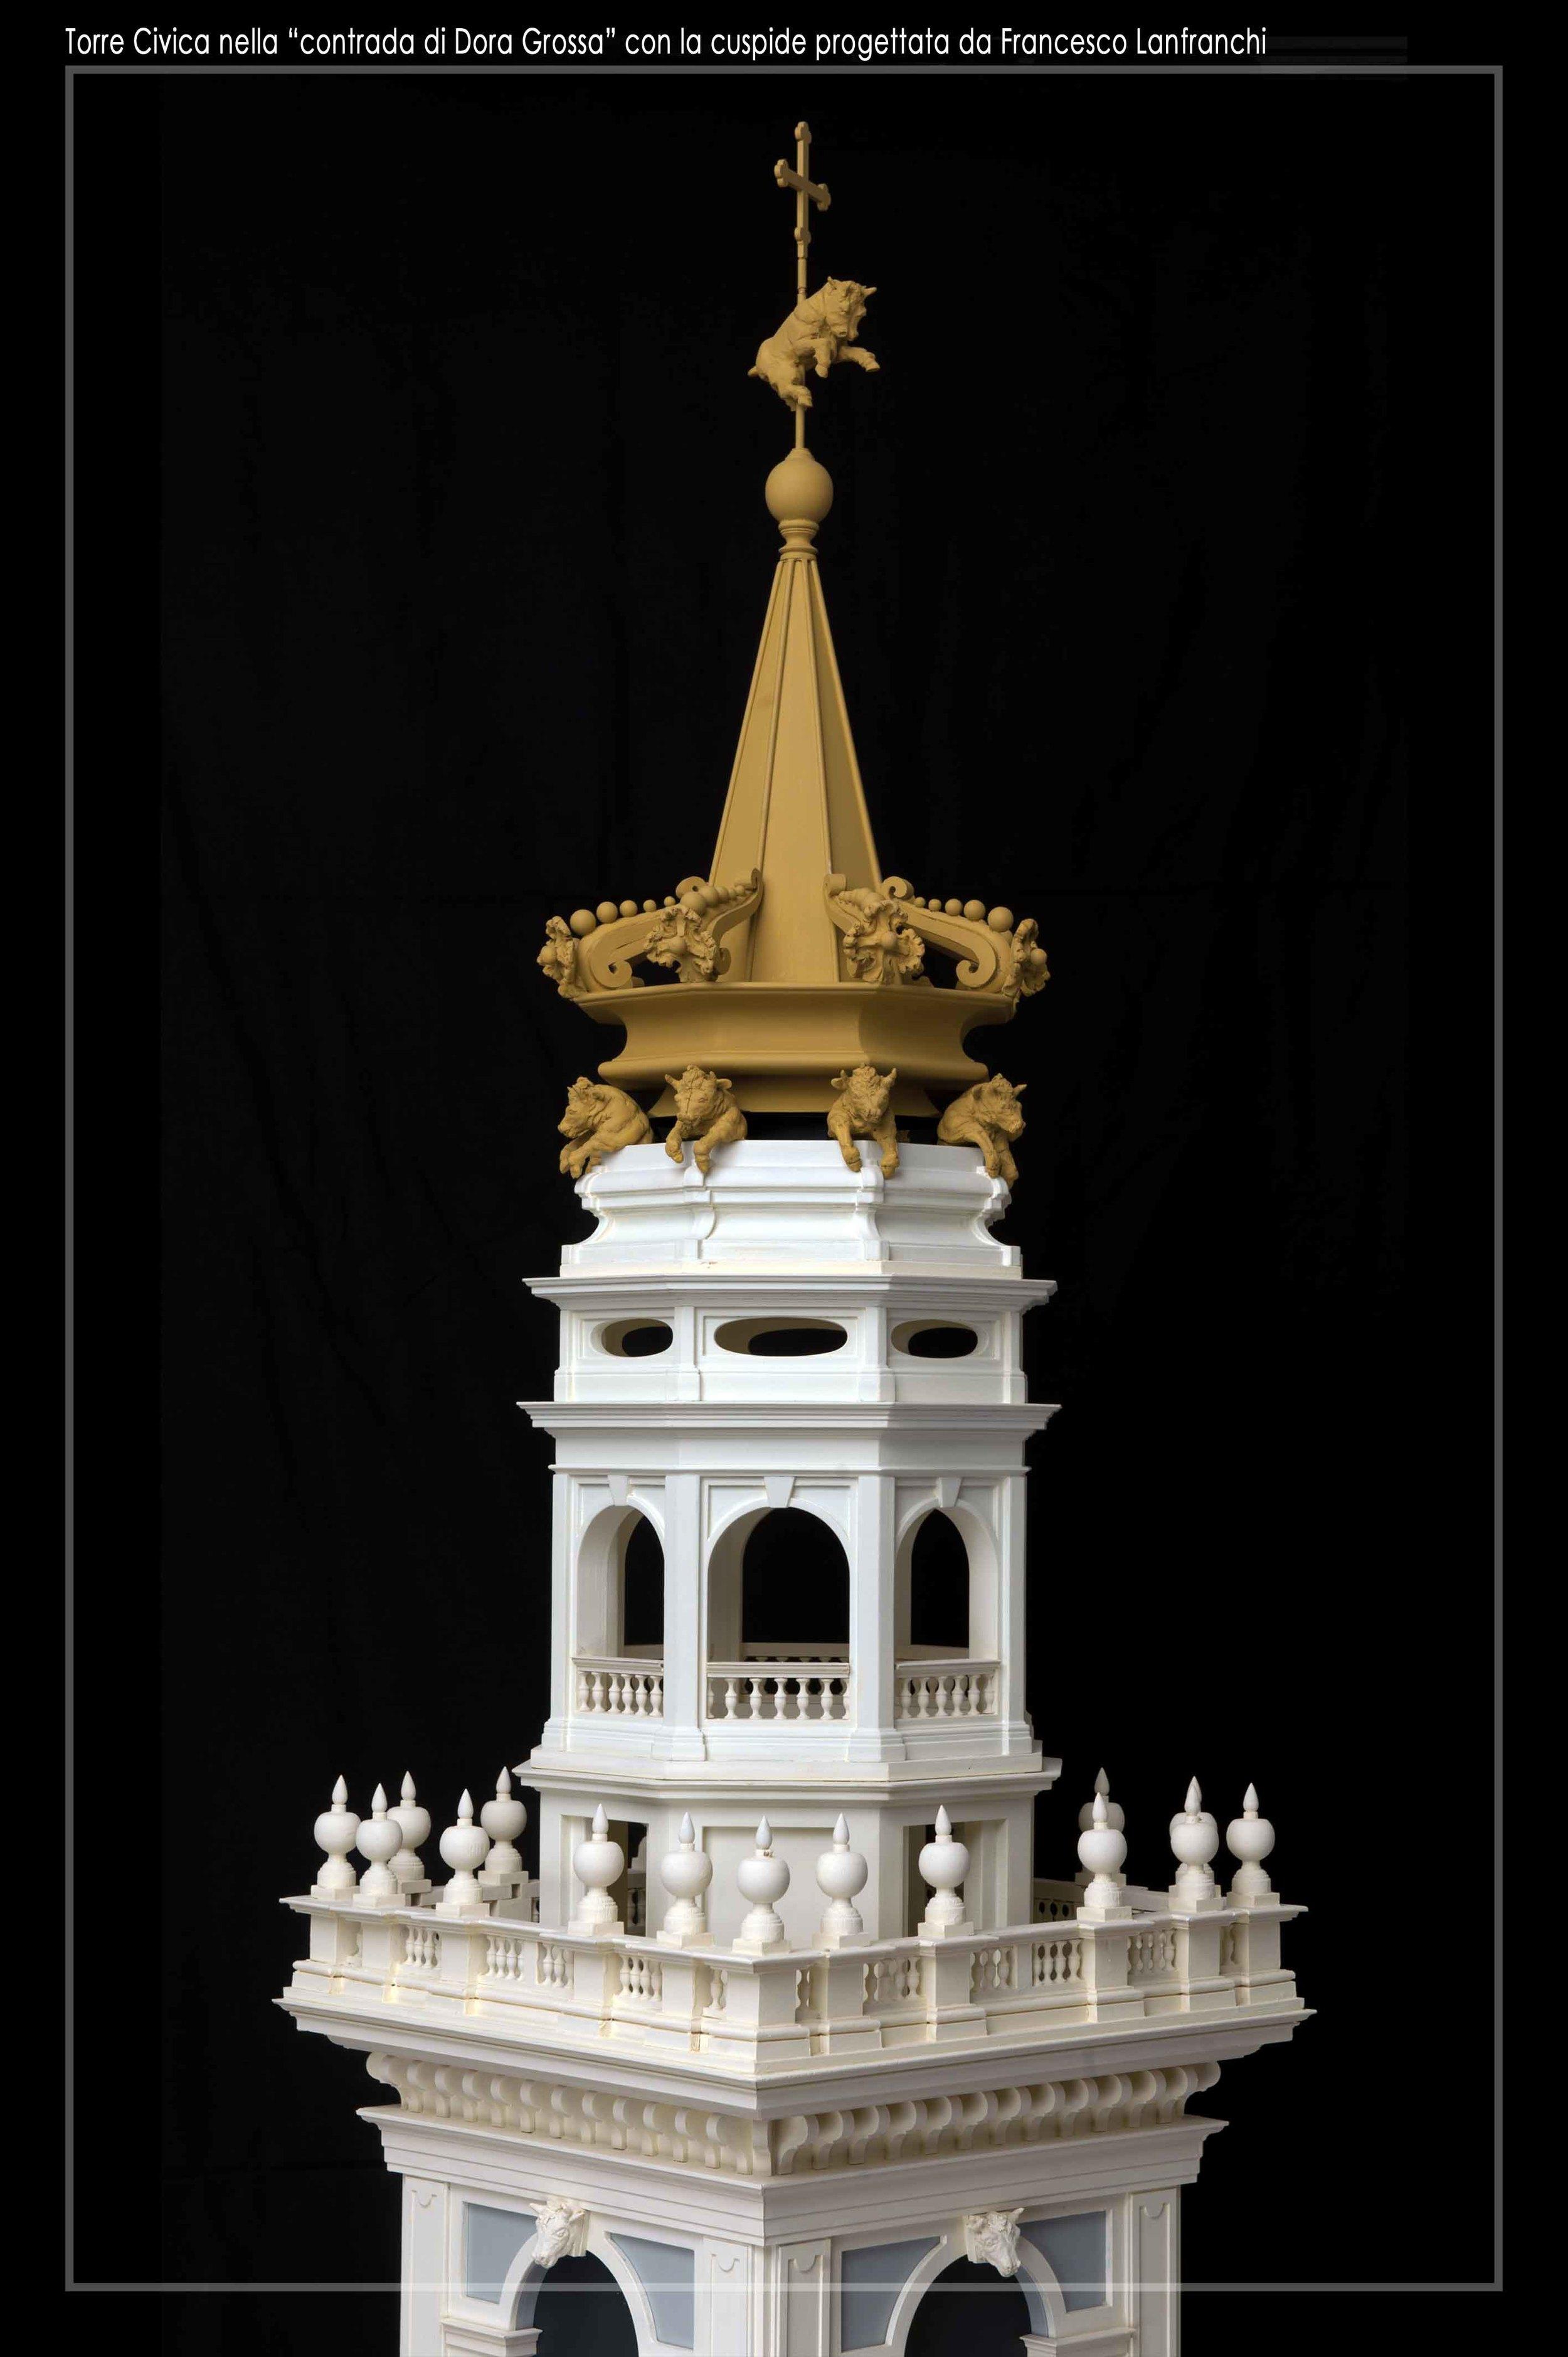 torre civica2.jpg